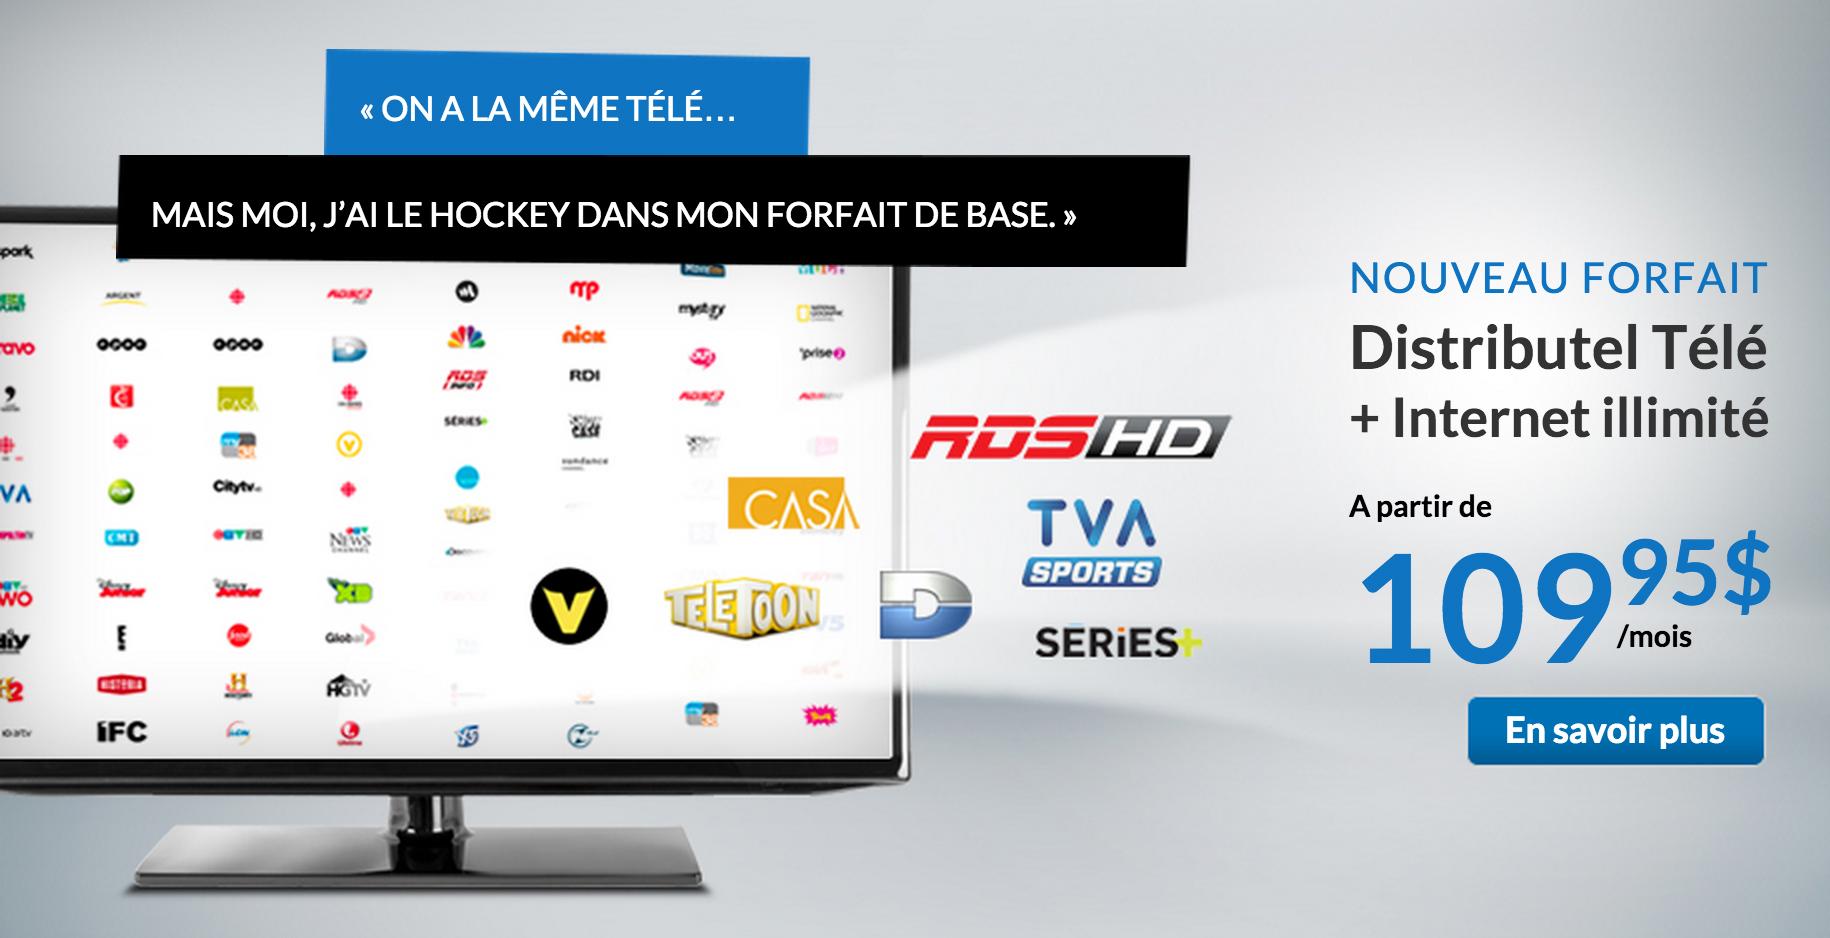 Television Distributel Fait Desormais Concurrence A Bell Et Videotron Branchez Vous